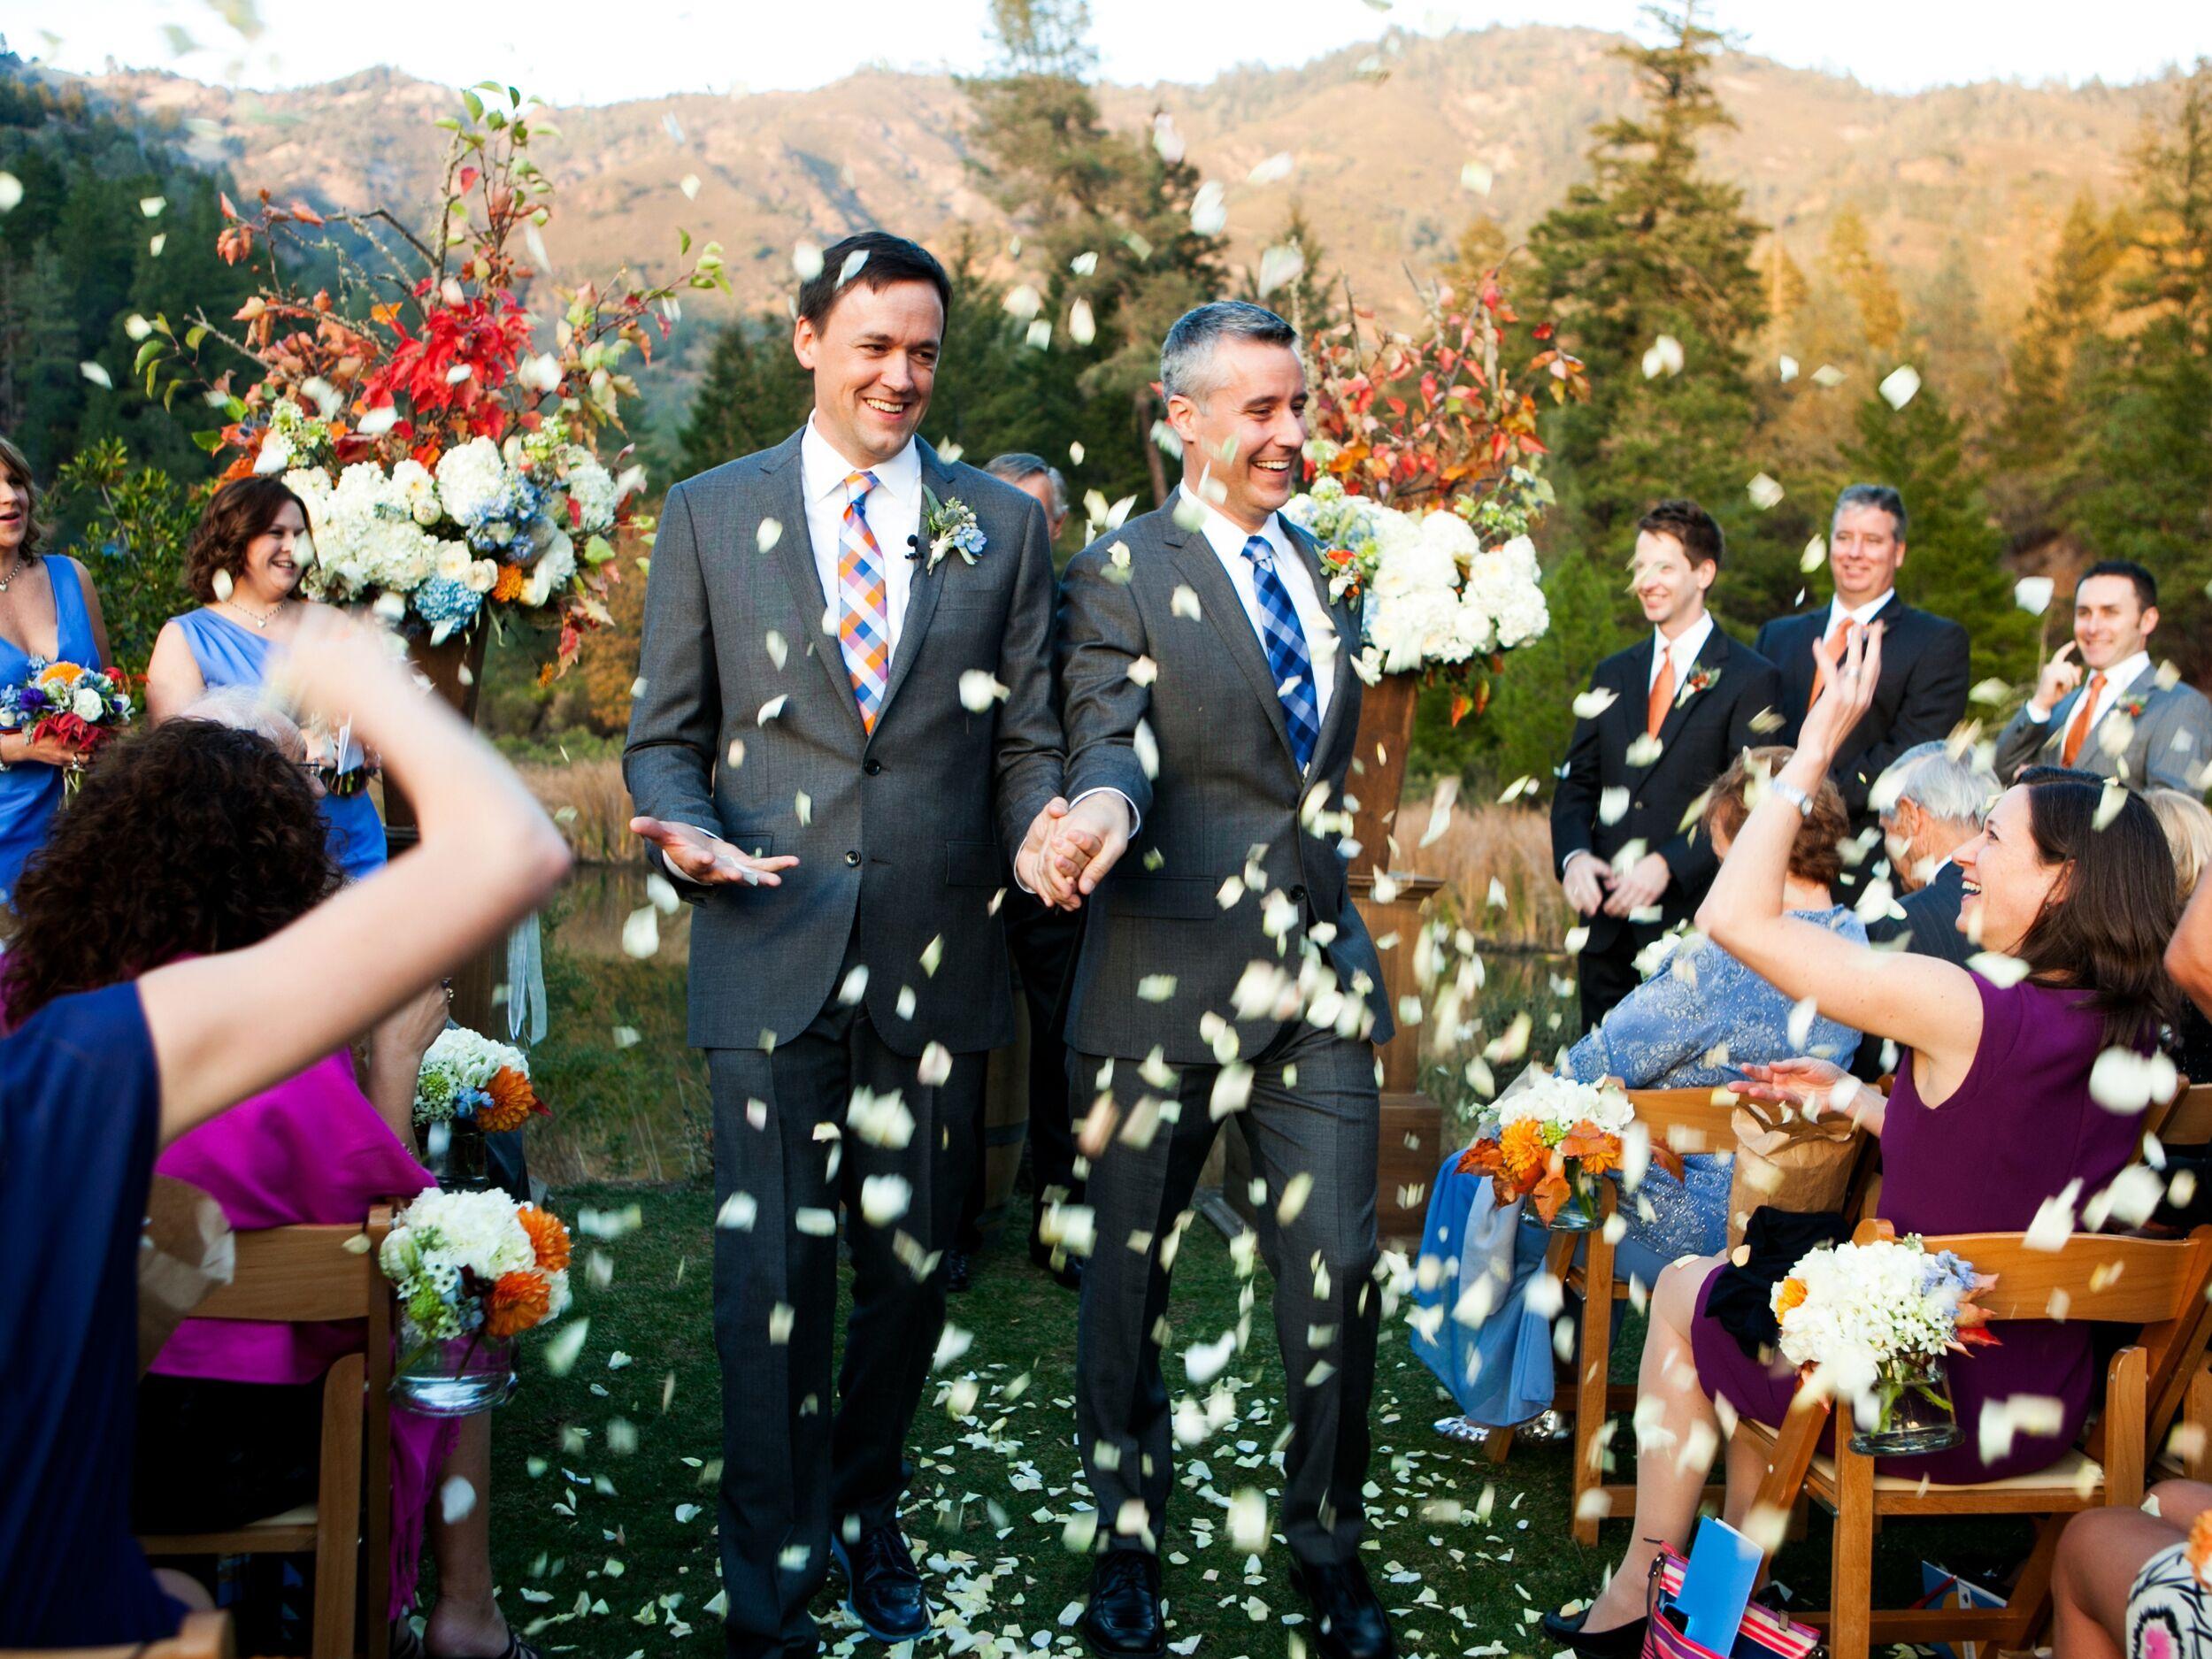 Same-Sex Weddings The Basics - Same-Sex Weddings -4631